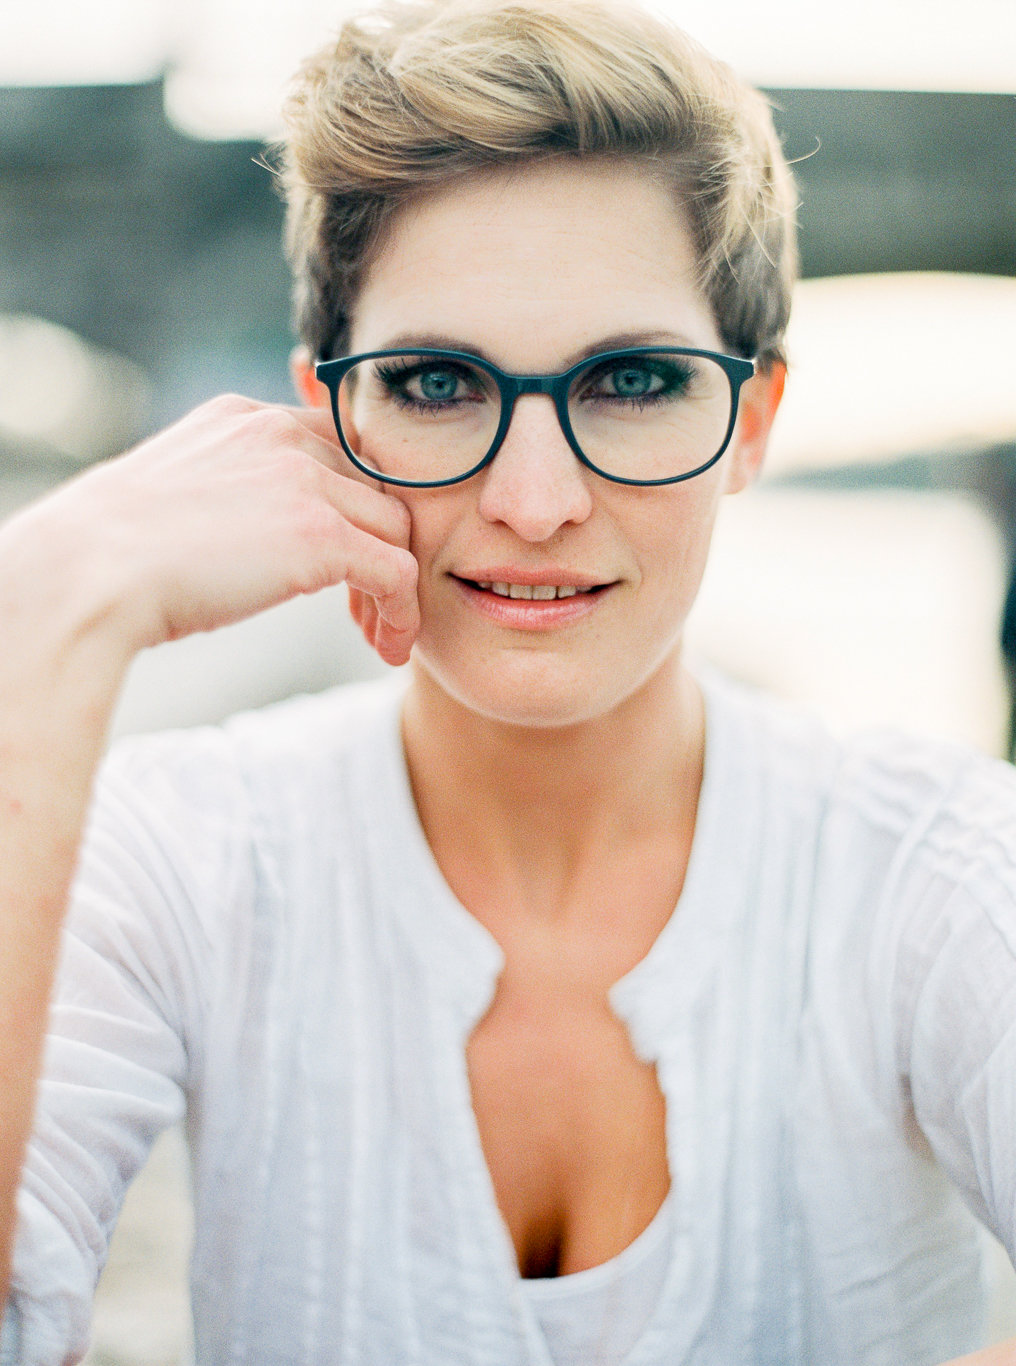 Anija make-up & styling Zuzanna Grabias hajs-ajs München